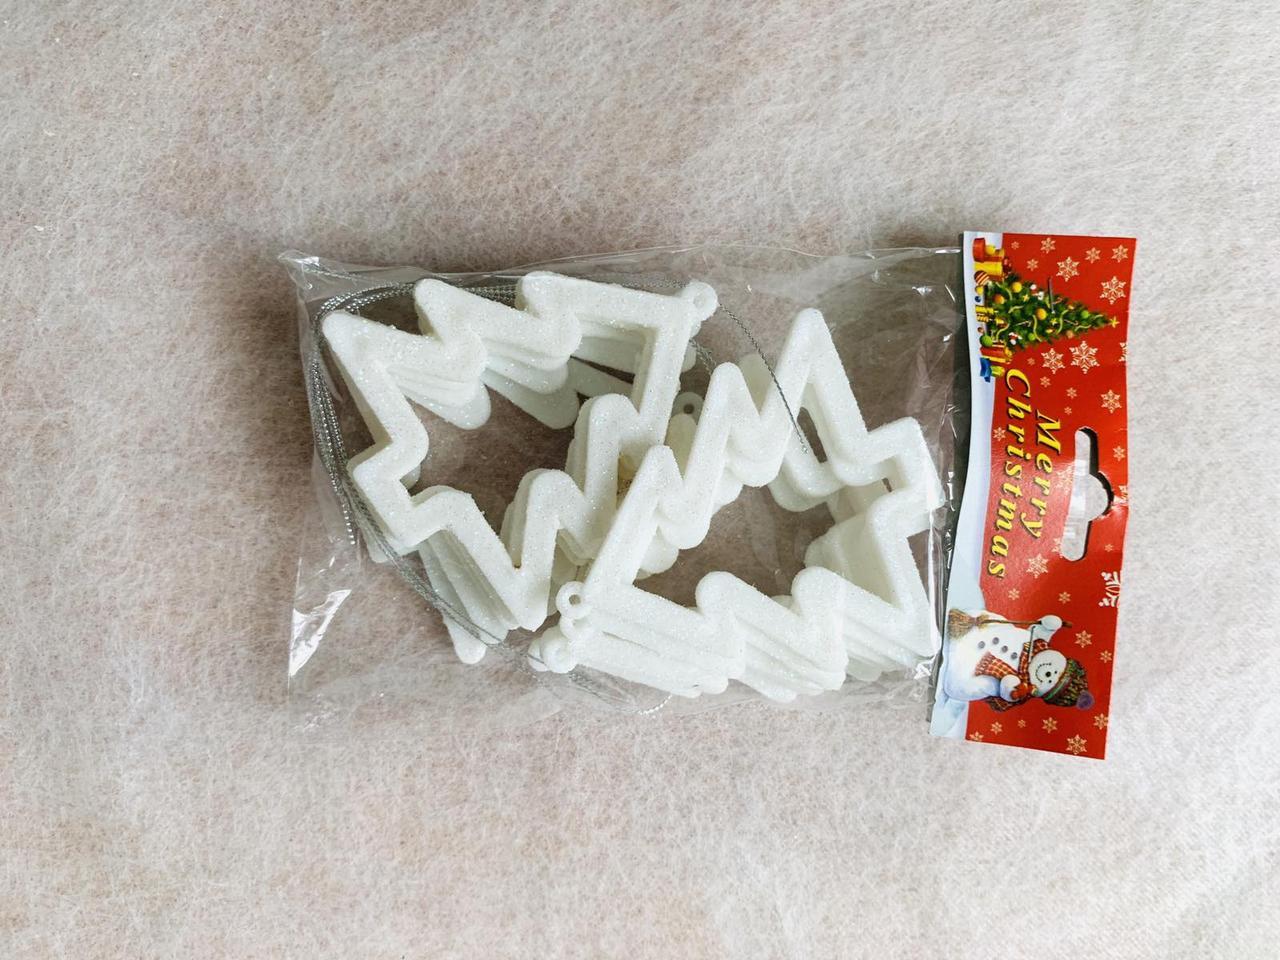 Іграшка новорічна ялинка рамка 3D 10 штук